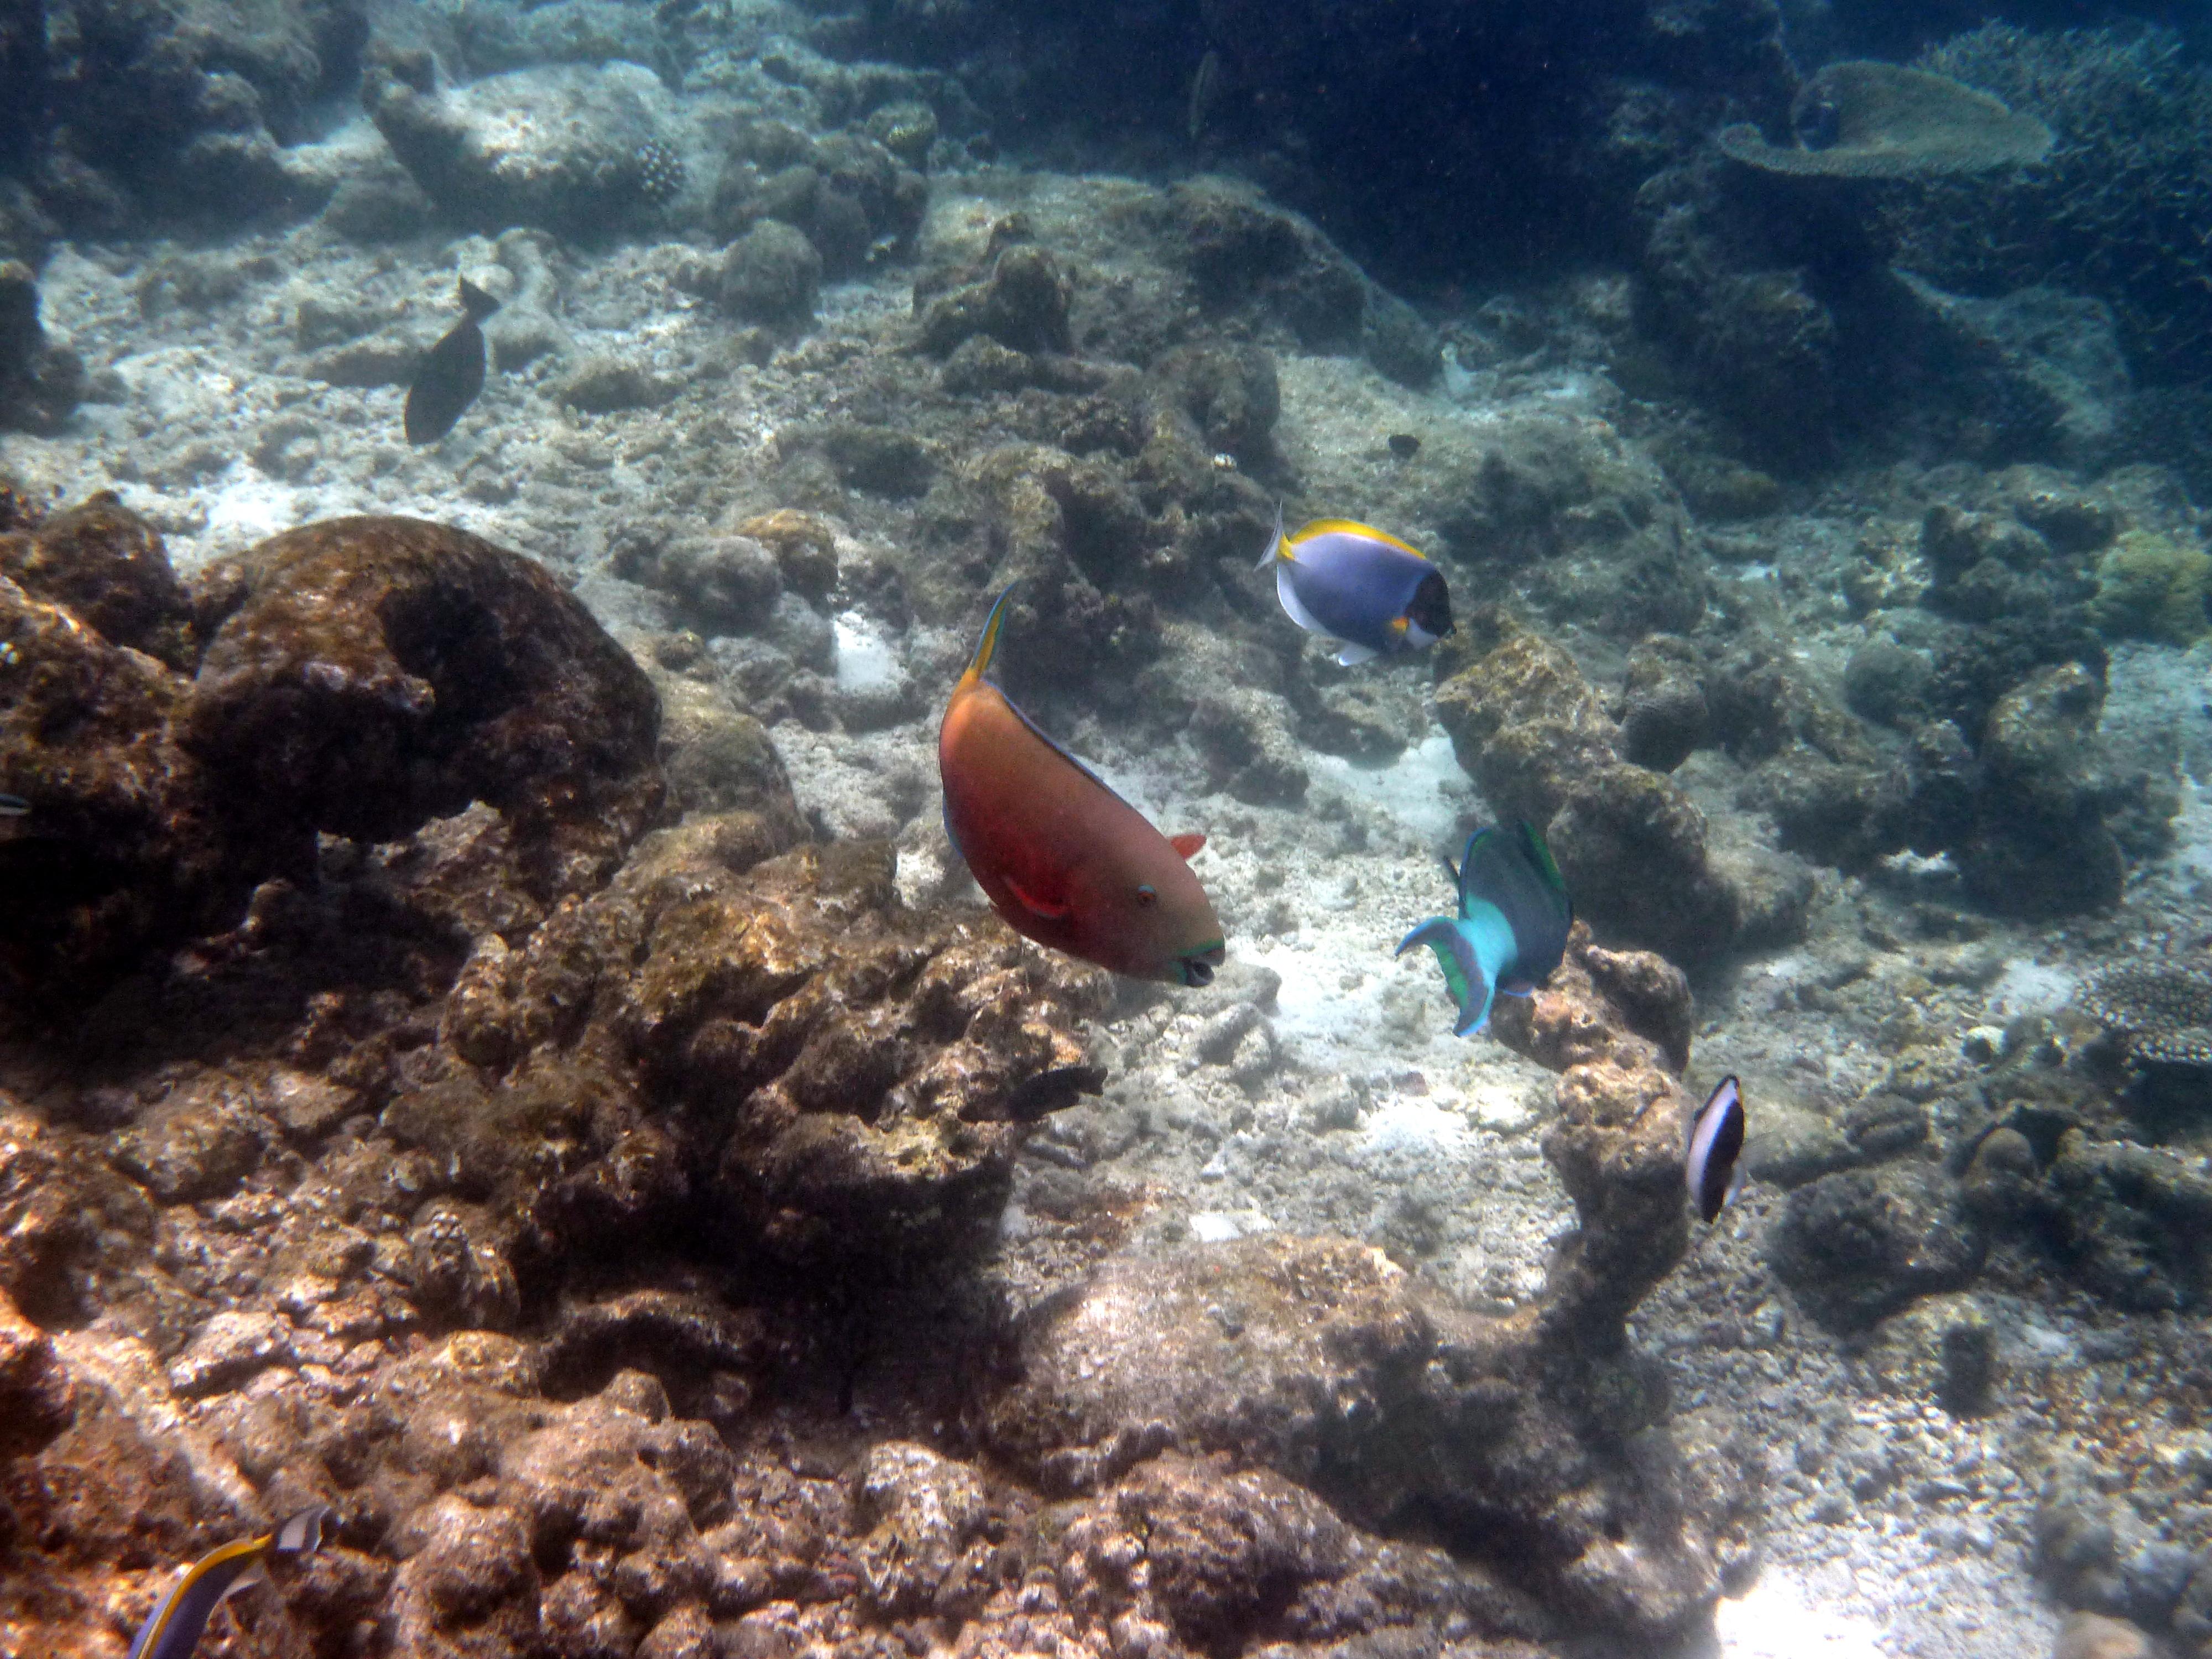 モルディブ_バロス_家族旅行_体験ダイビングでウミガメと泳ぐ_きれいな魚達